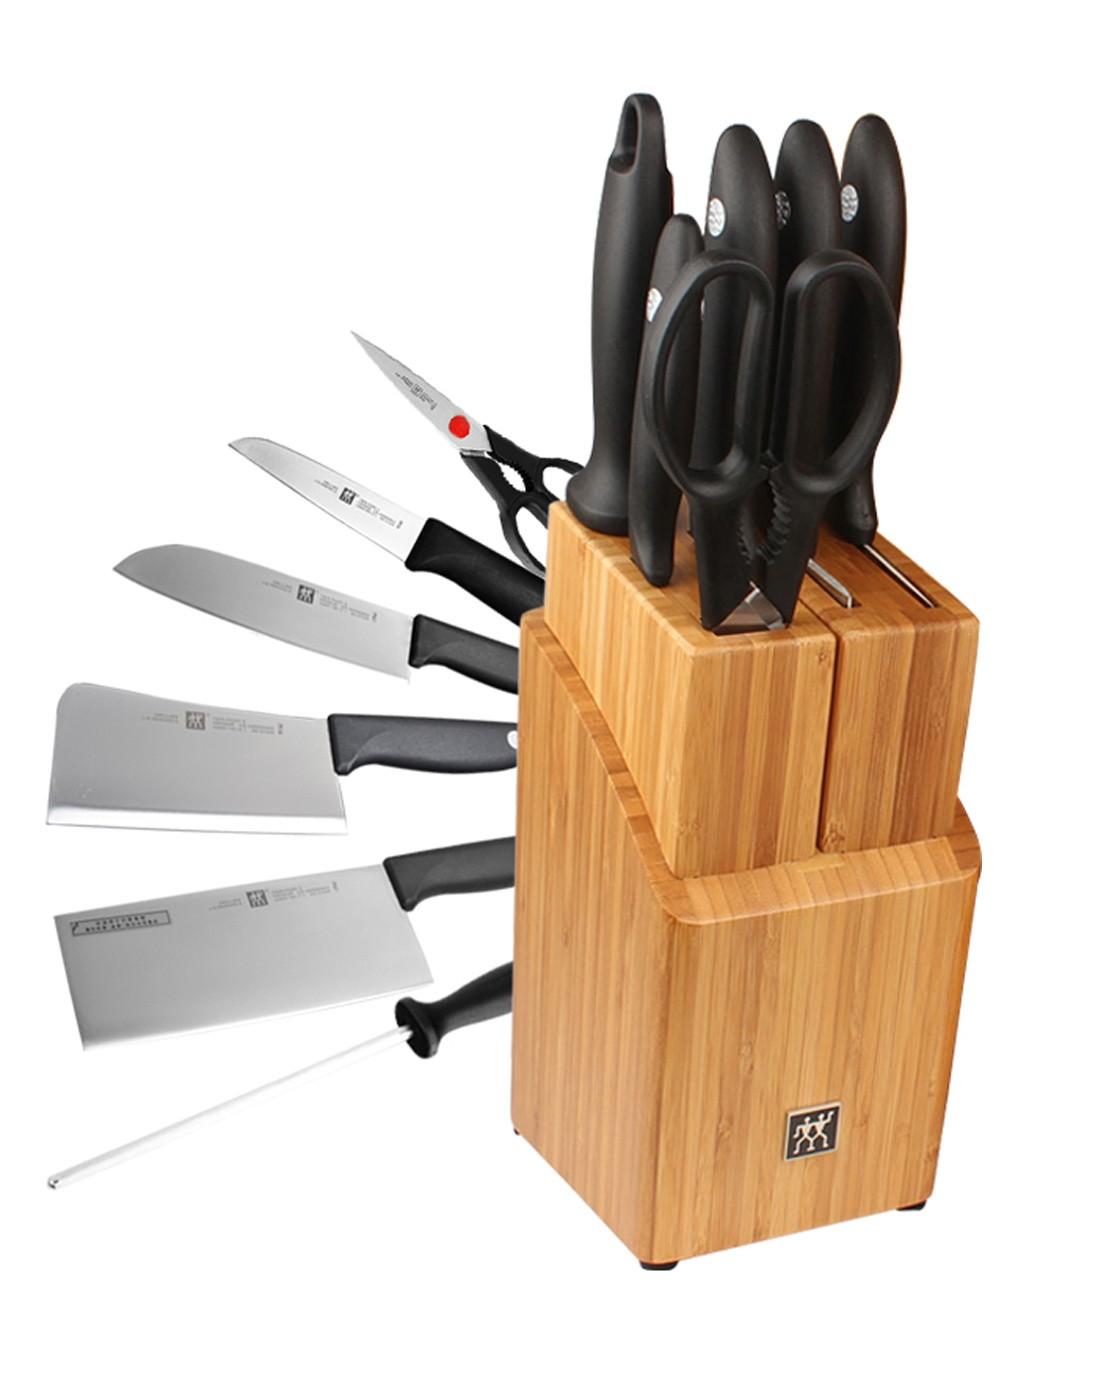 双立人twinpoints不锈钢刀具7件套